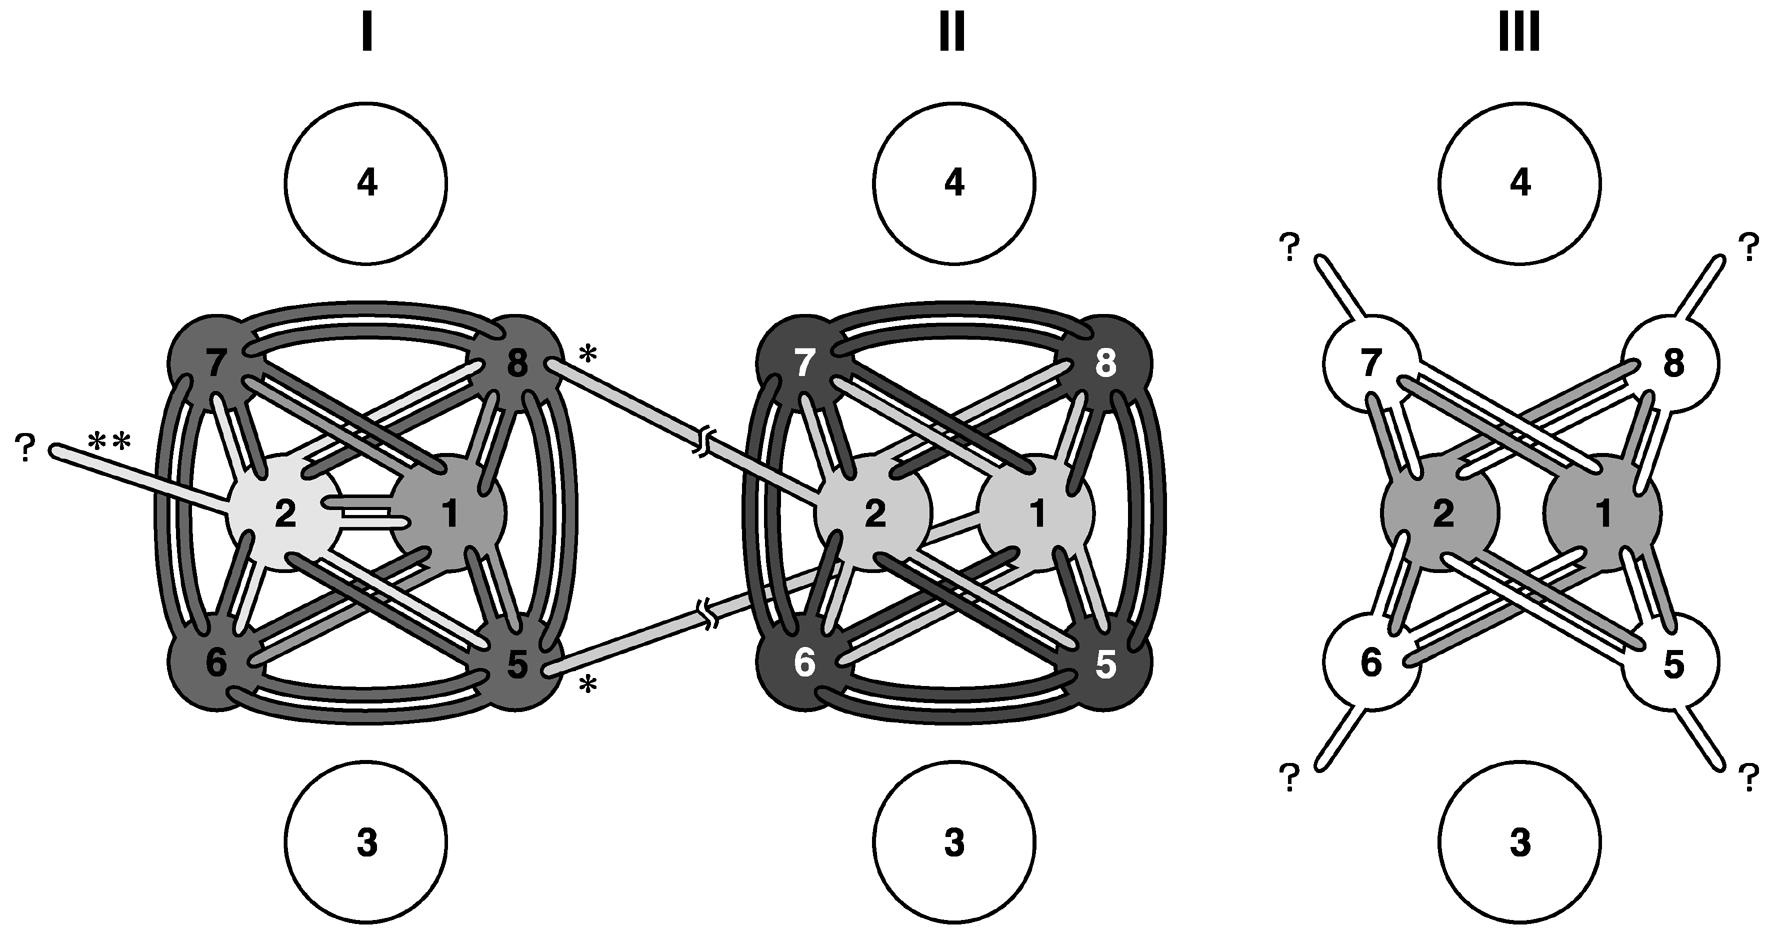 カートリッジ視細胞間接続概略図.png